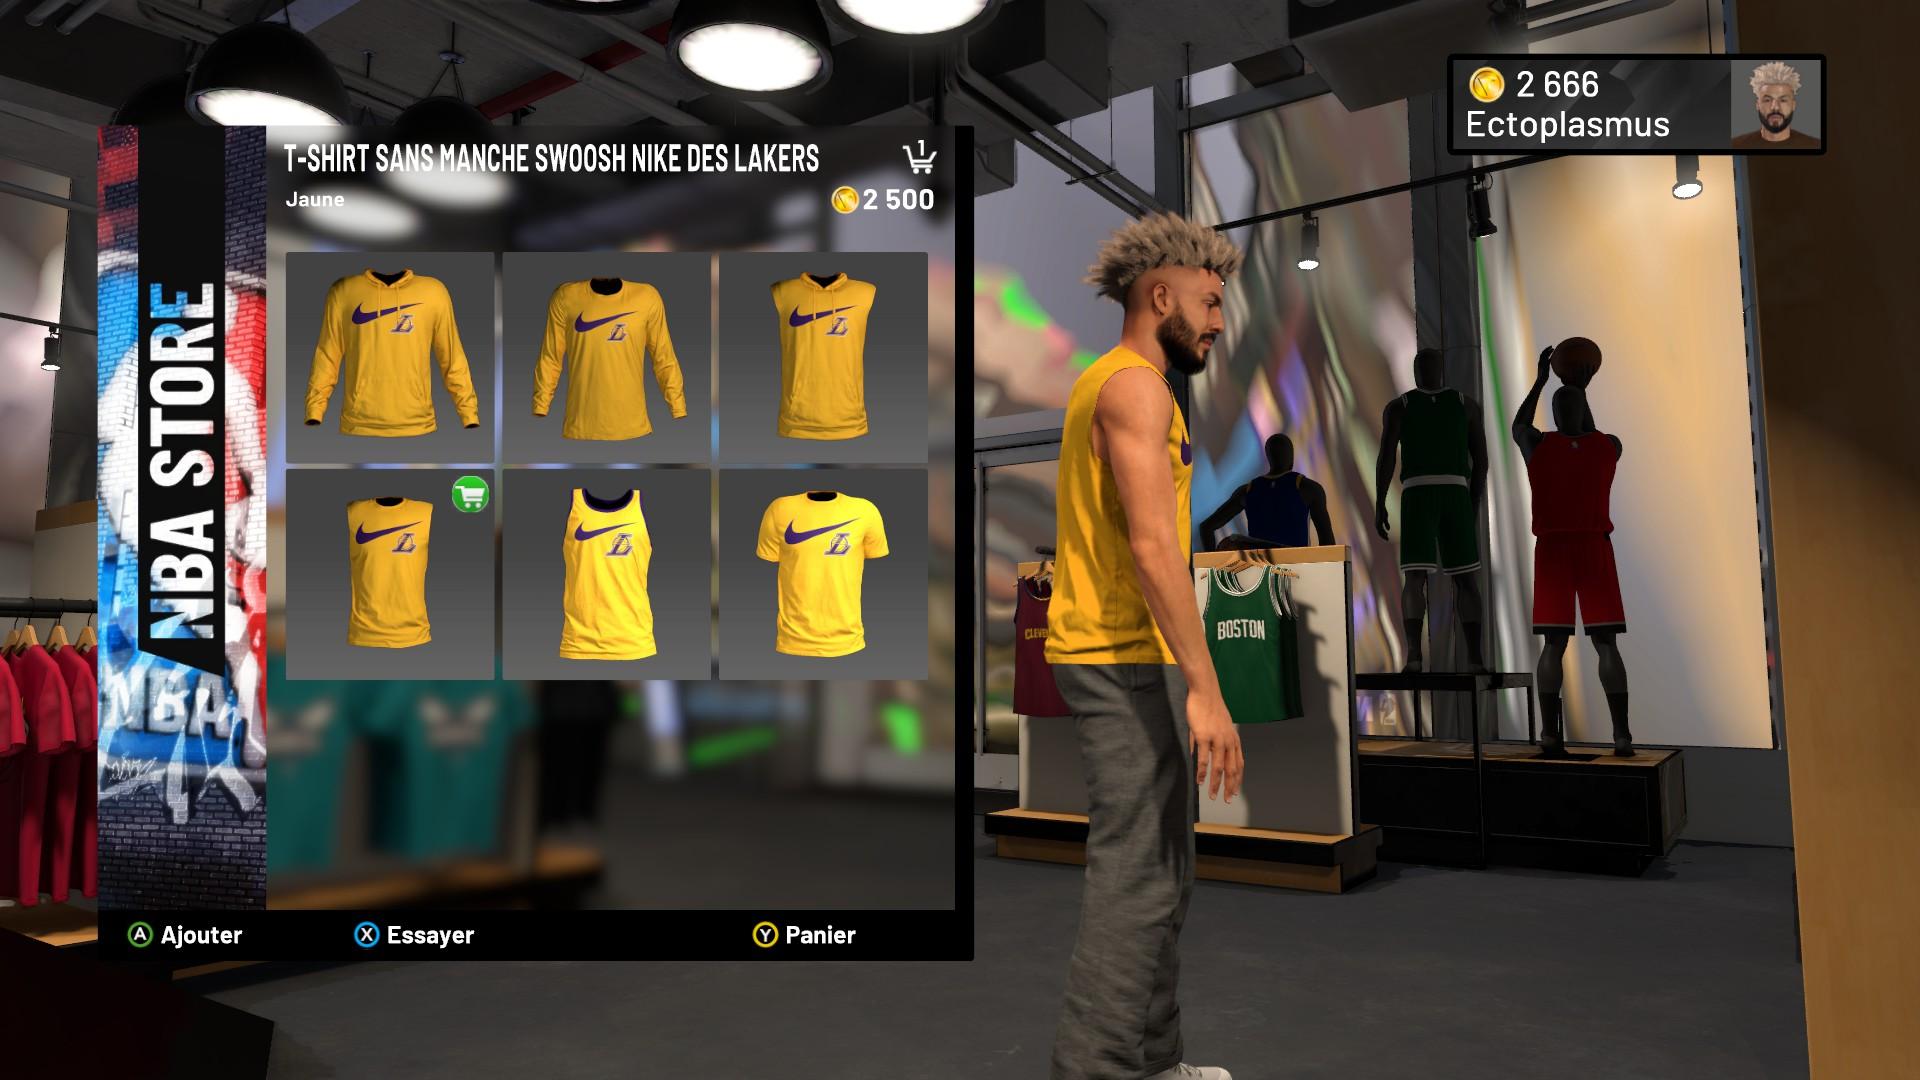 20180916140241 1 - [ TEST ] NBA 2K19 (PC, PS4, Xbox One, Switch) : encore une référence